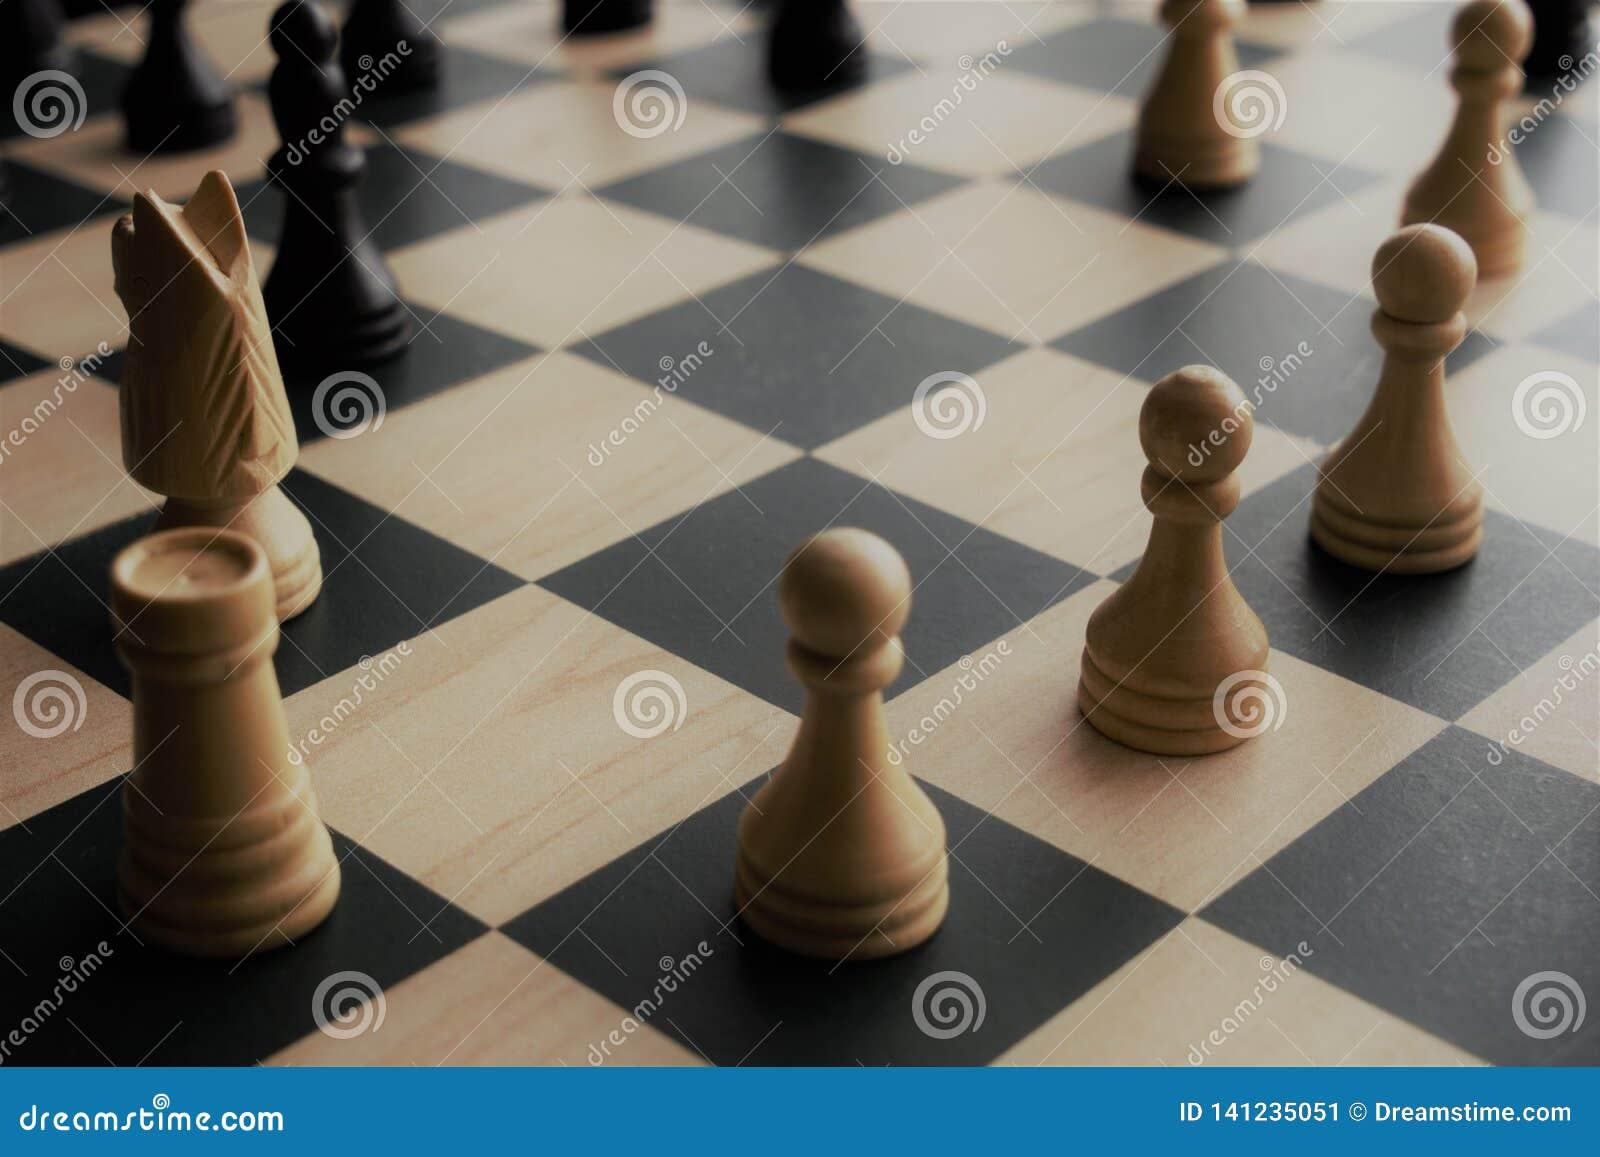 Immagine del primo piano dei pezzi degli scacchi